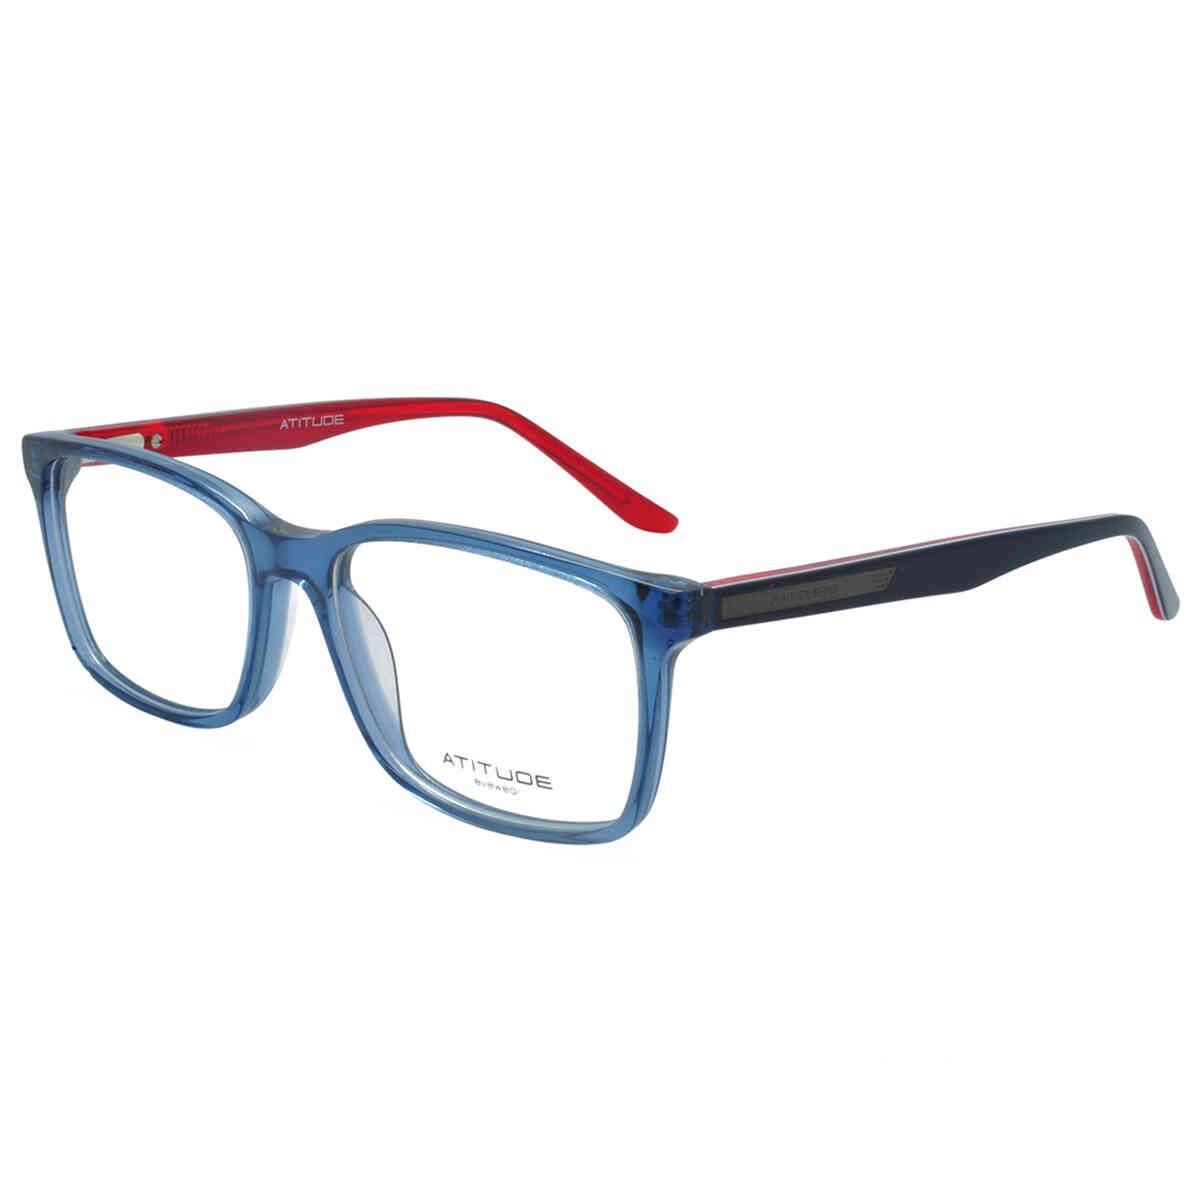 Óculos de Grau Atitude Masculino ATK6009